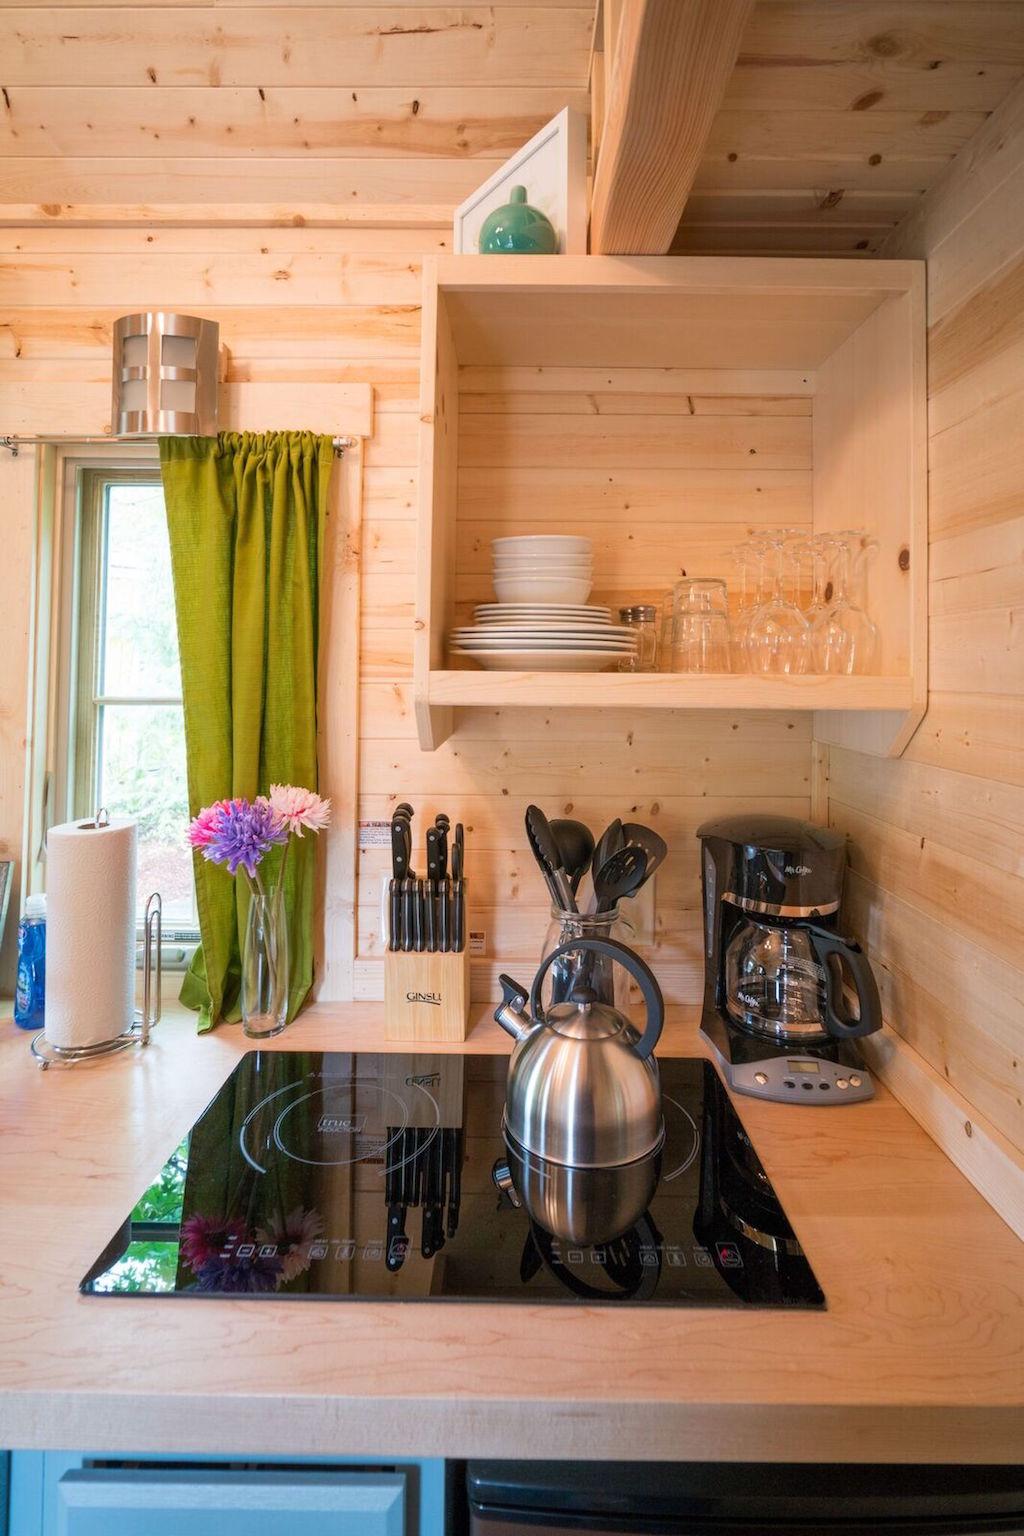 zoe-tiny-house-village-cypress-tumbleweed-mount-hood-5